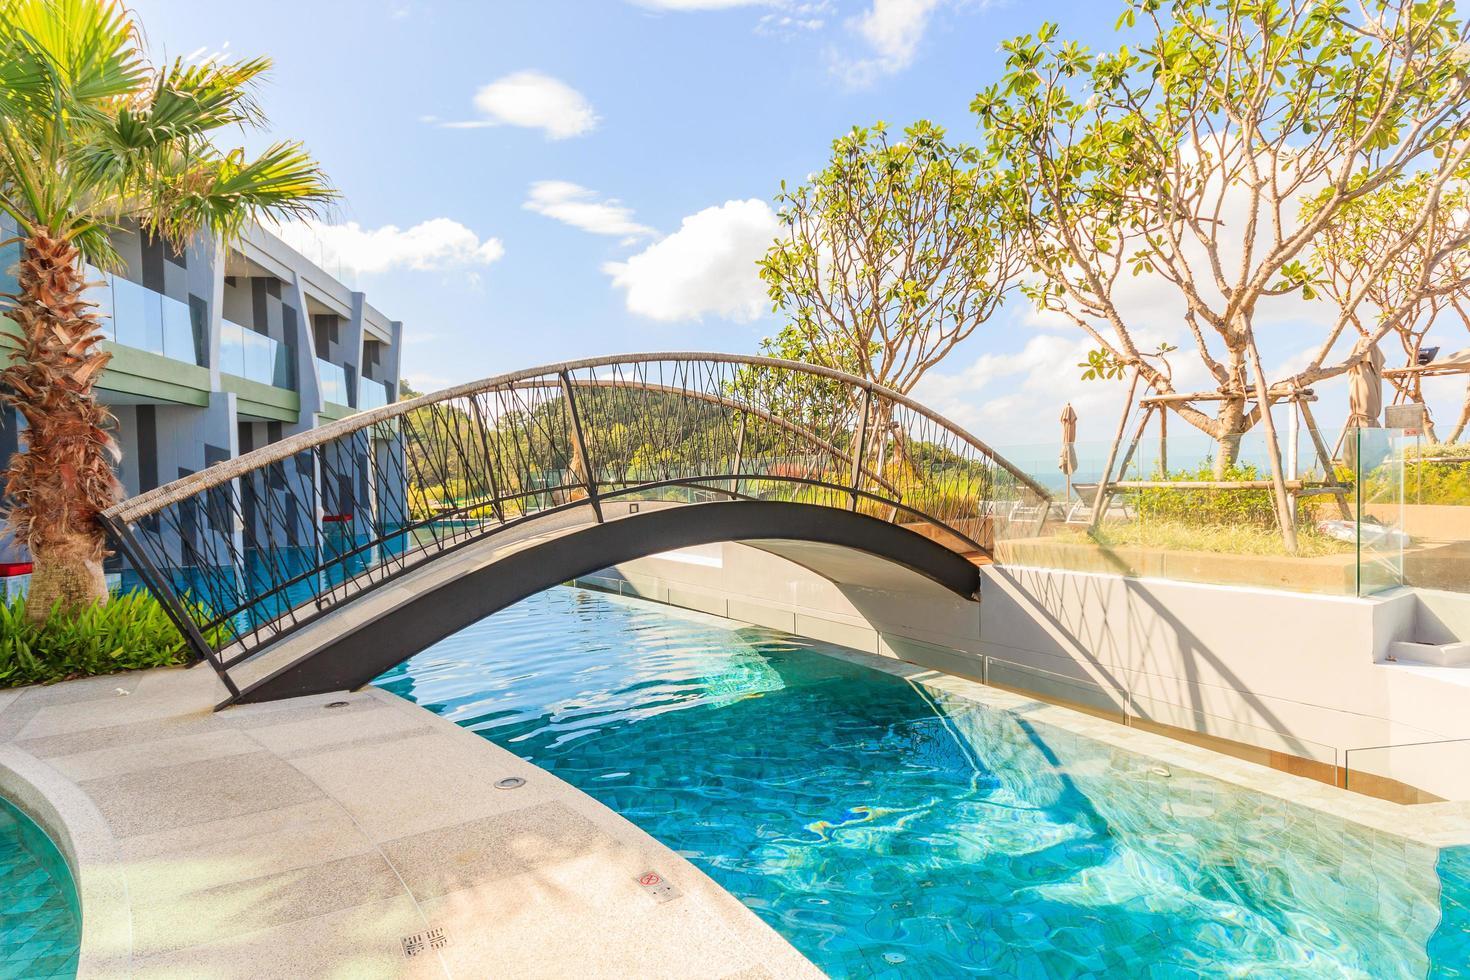 Schwimmbad im Crest Resort und Poolvillen und -resorts, Phuket, Thailand, 2017 foto